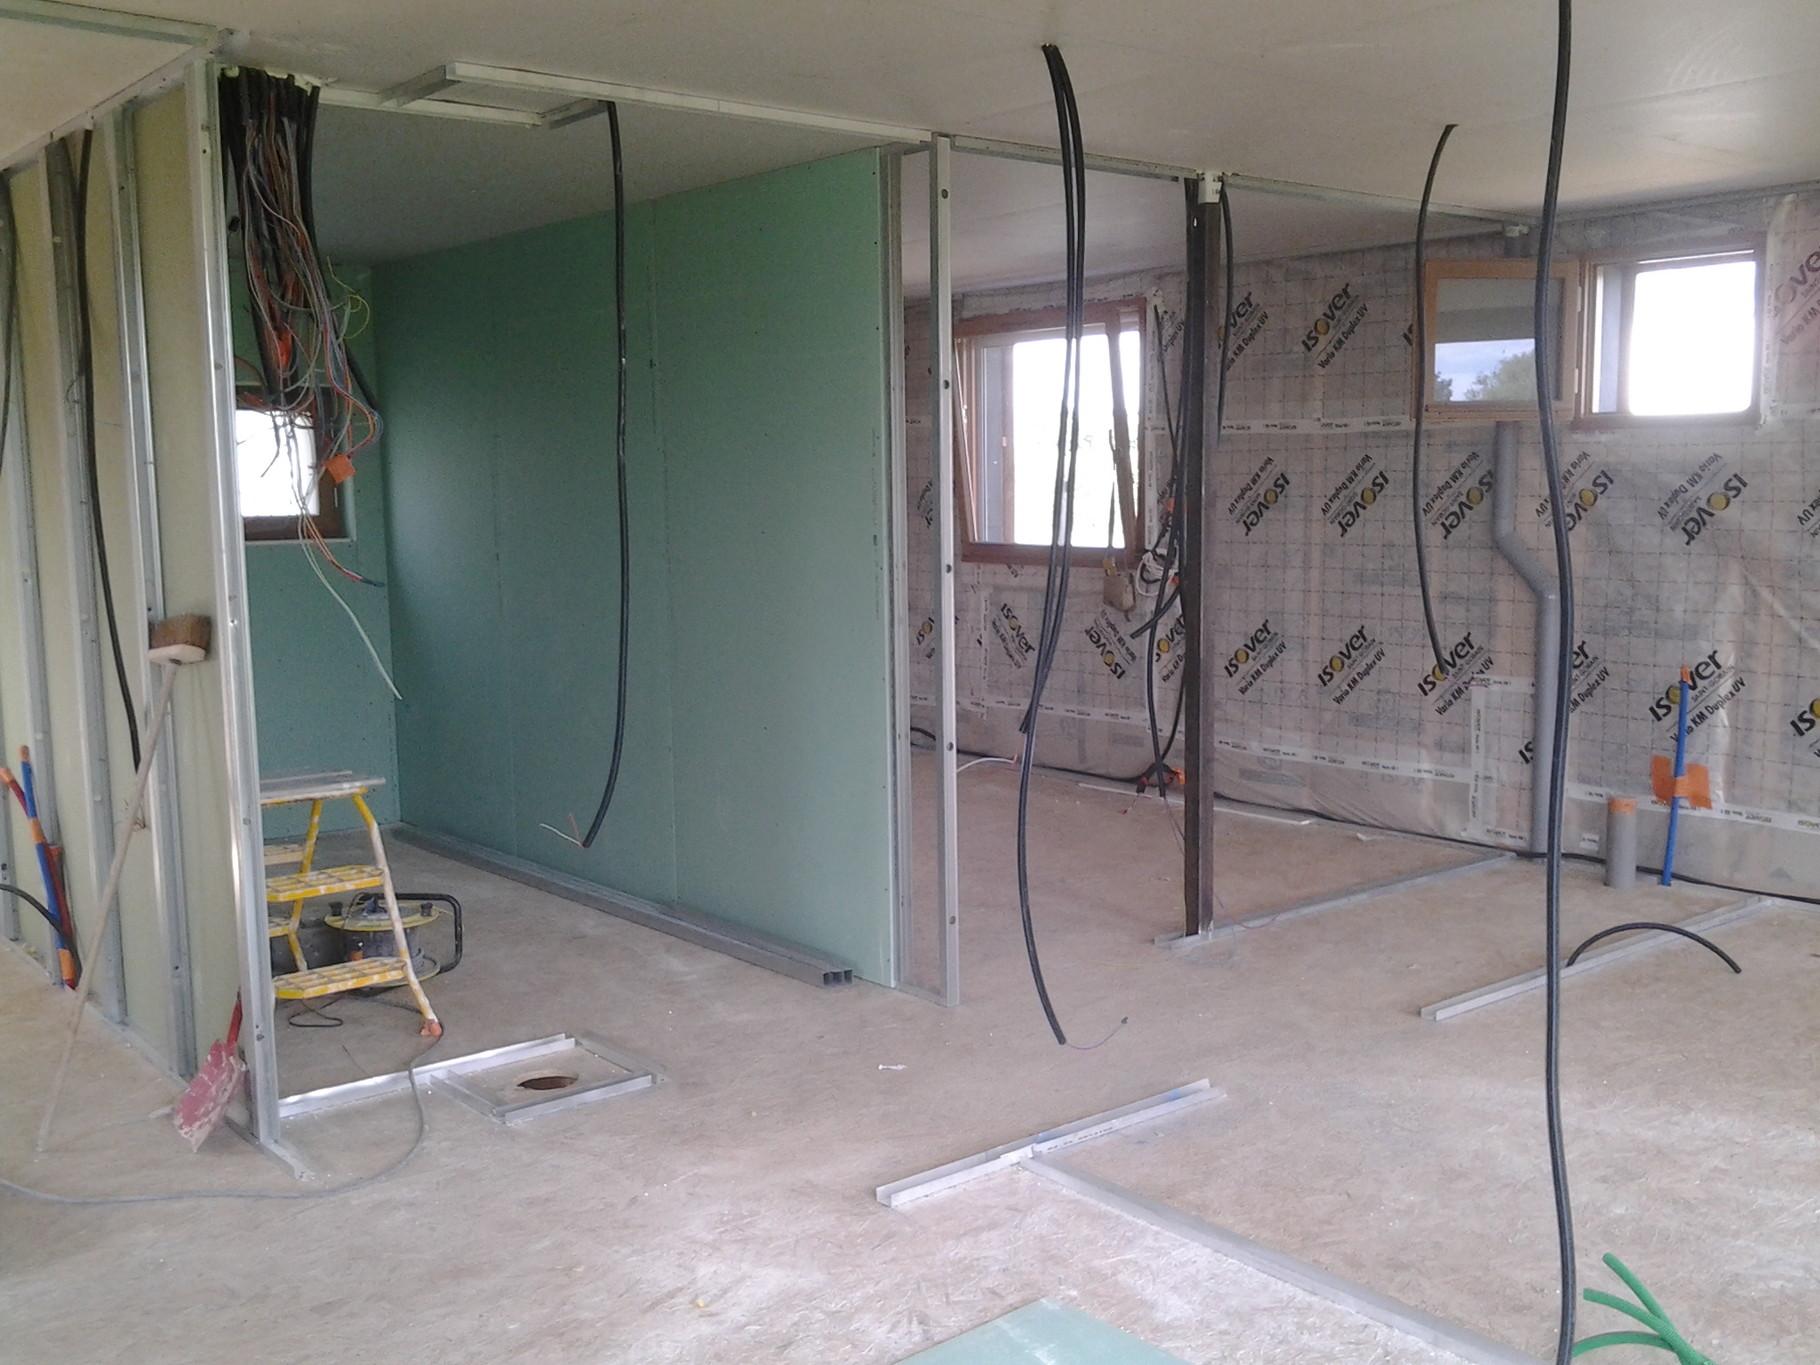 Plans Maison 100m2 : Dessiner des plans fonctionnels conseils thermiques